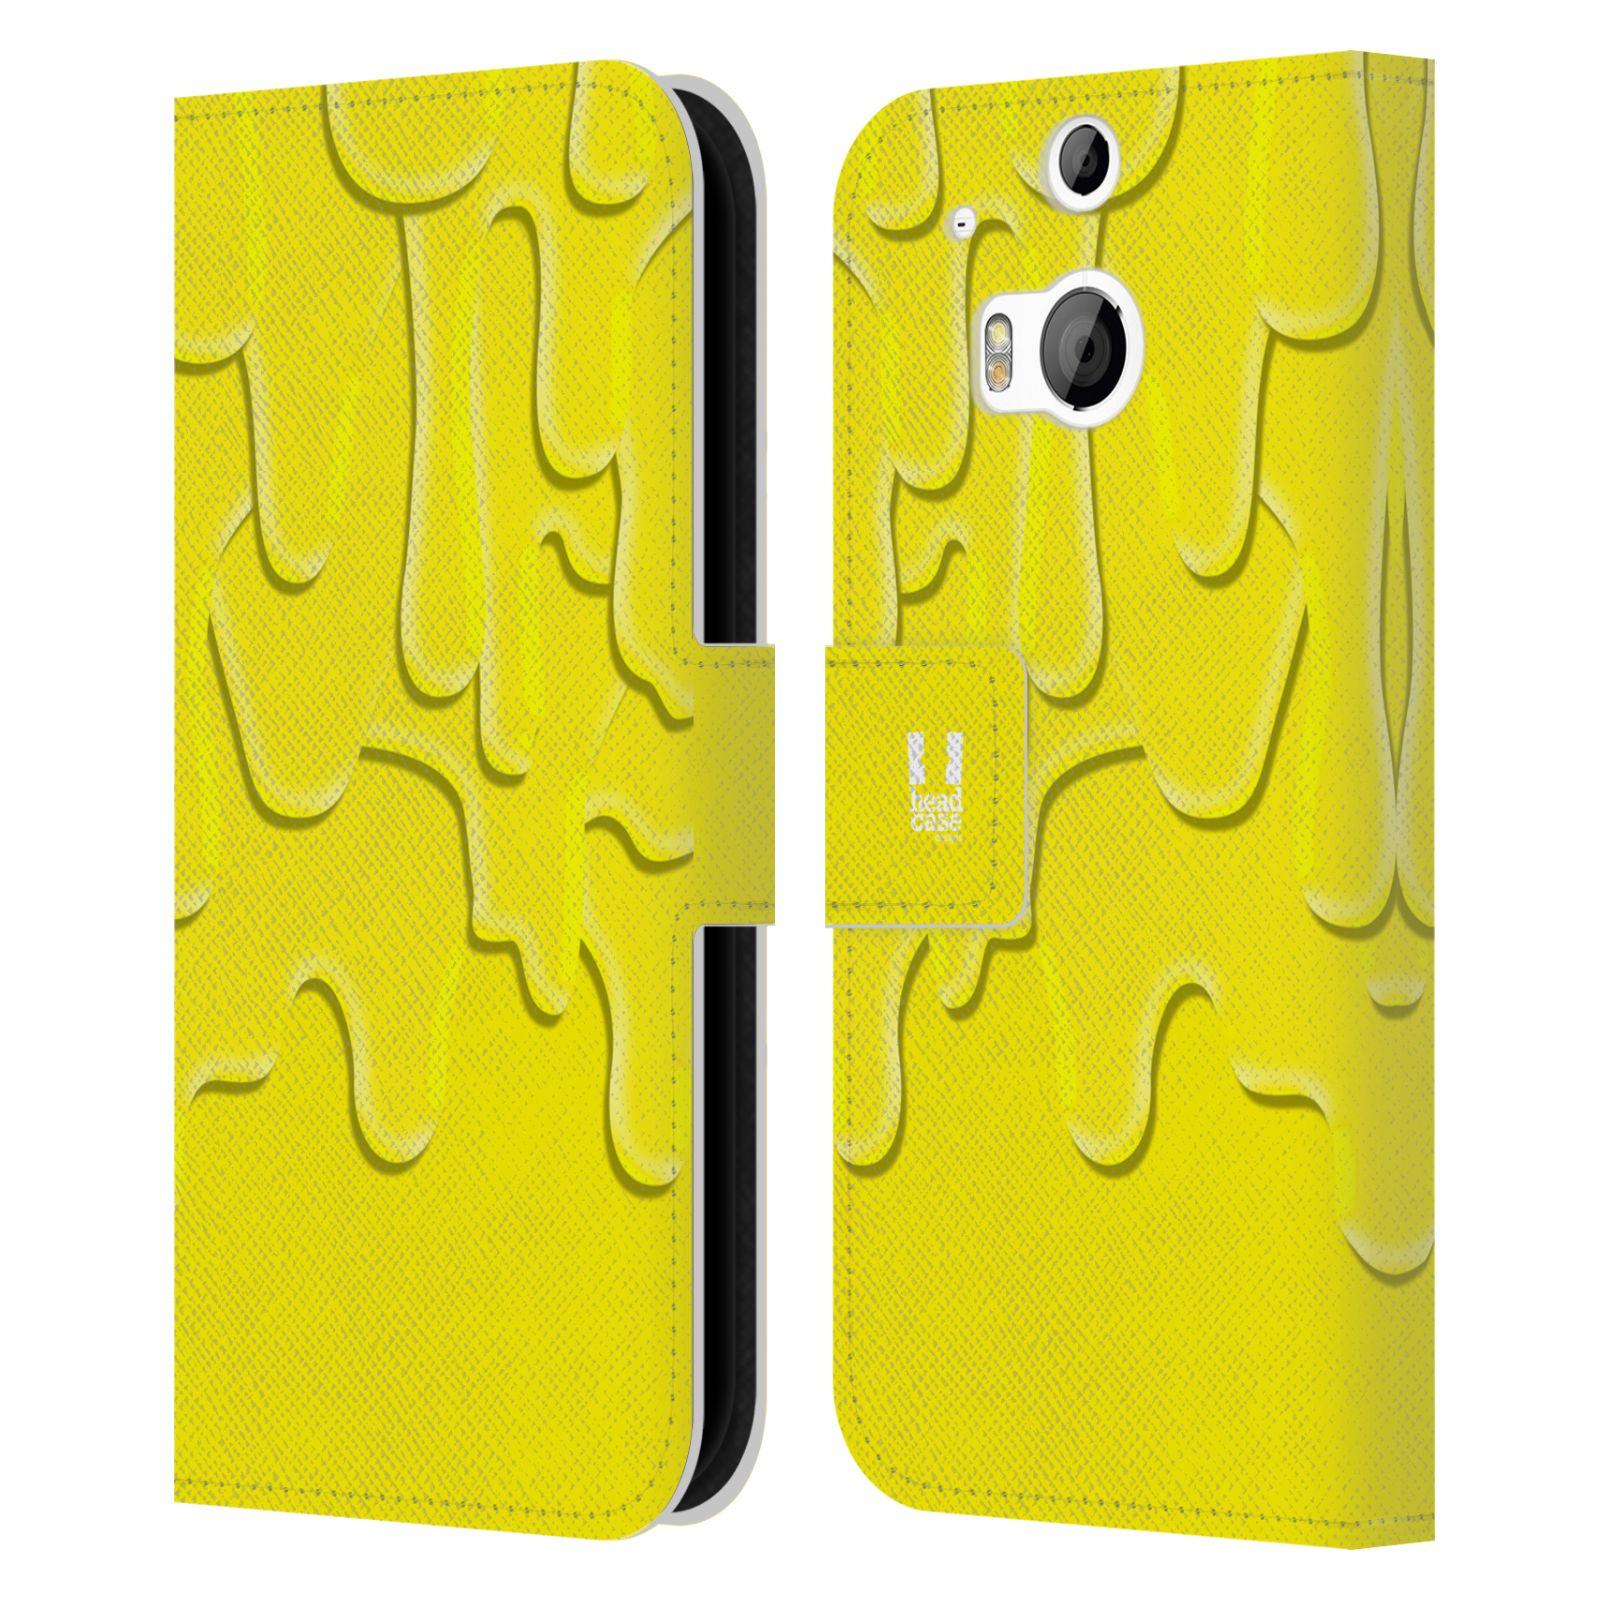 HEAD CASE Flipové pouzdro pro mobil HTC ONE (M8, M8s) ZÁPLAVA BARVA žlutá